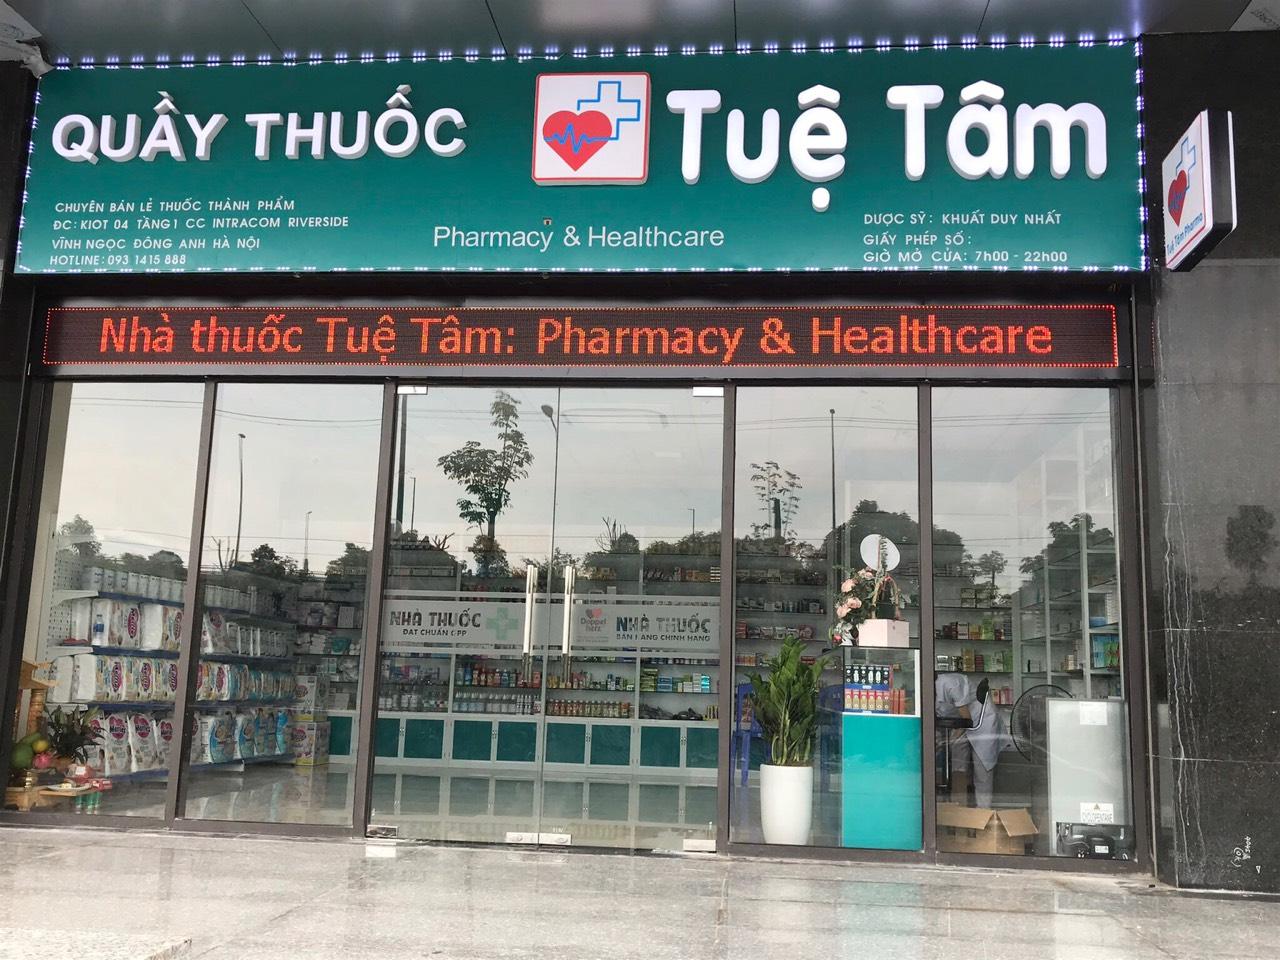 Quầy thuốc Tuệ Tâm 44 ngõ 79 Thái Thịnh, Phường Thịnh Quang, Quận Đống Đa